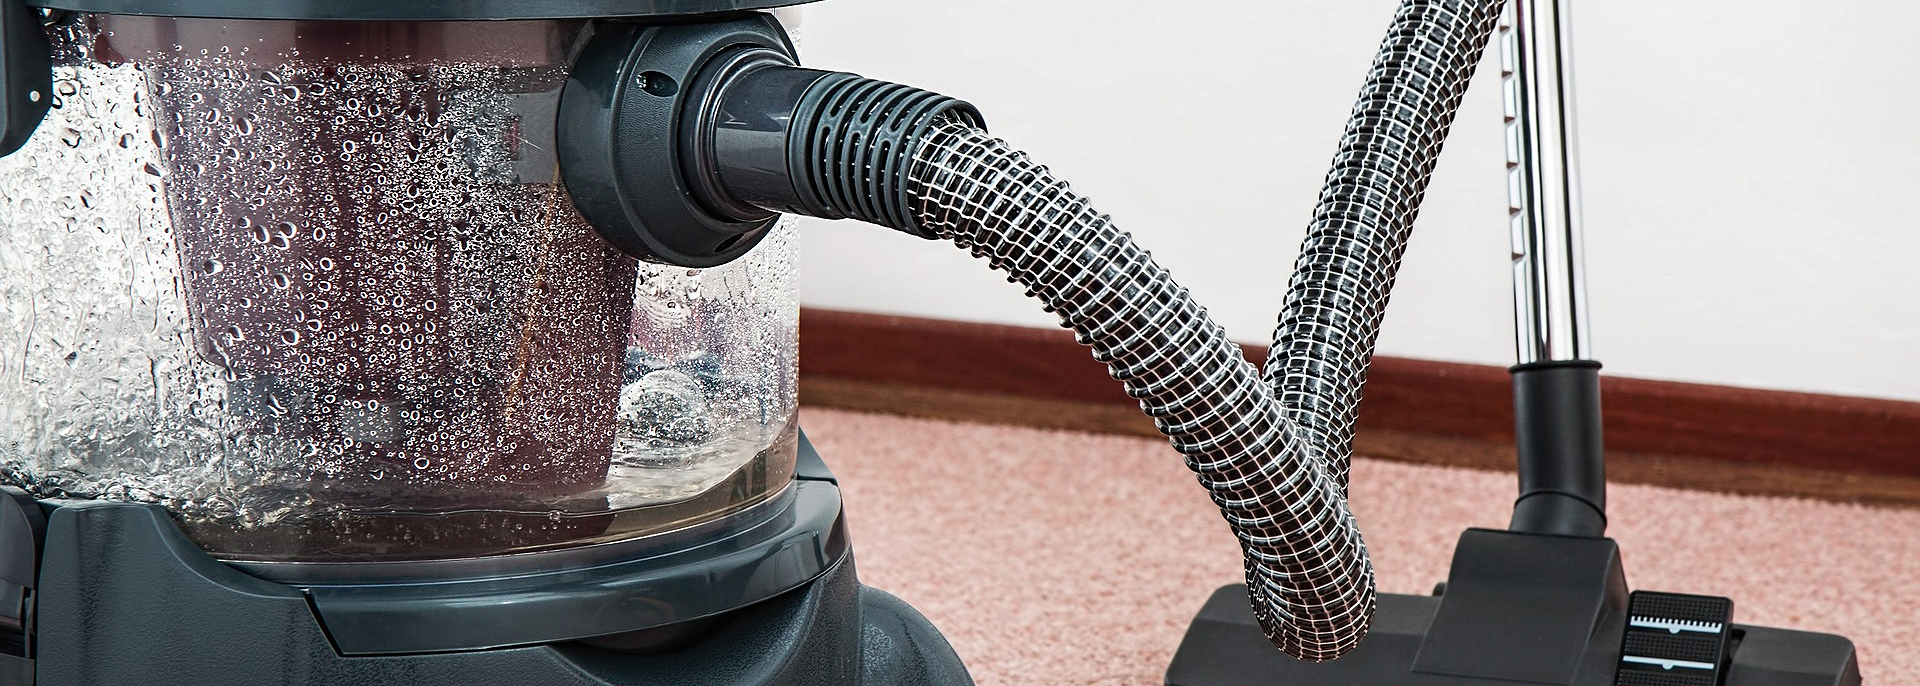 Dụng cụ vệ sinh nhà cửa cần thiết cơ bản